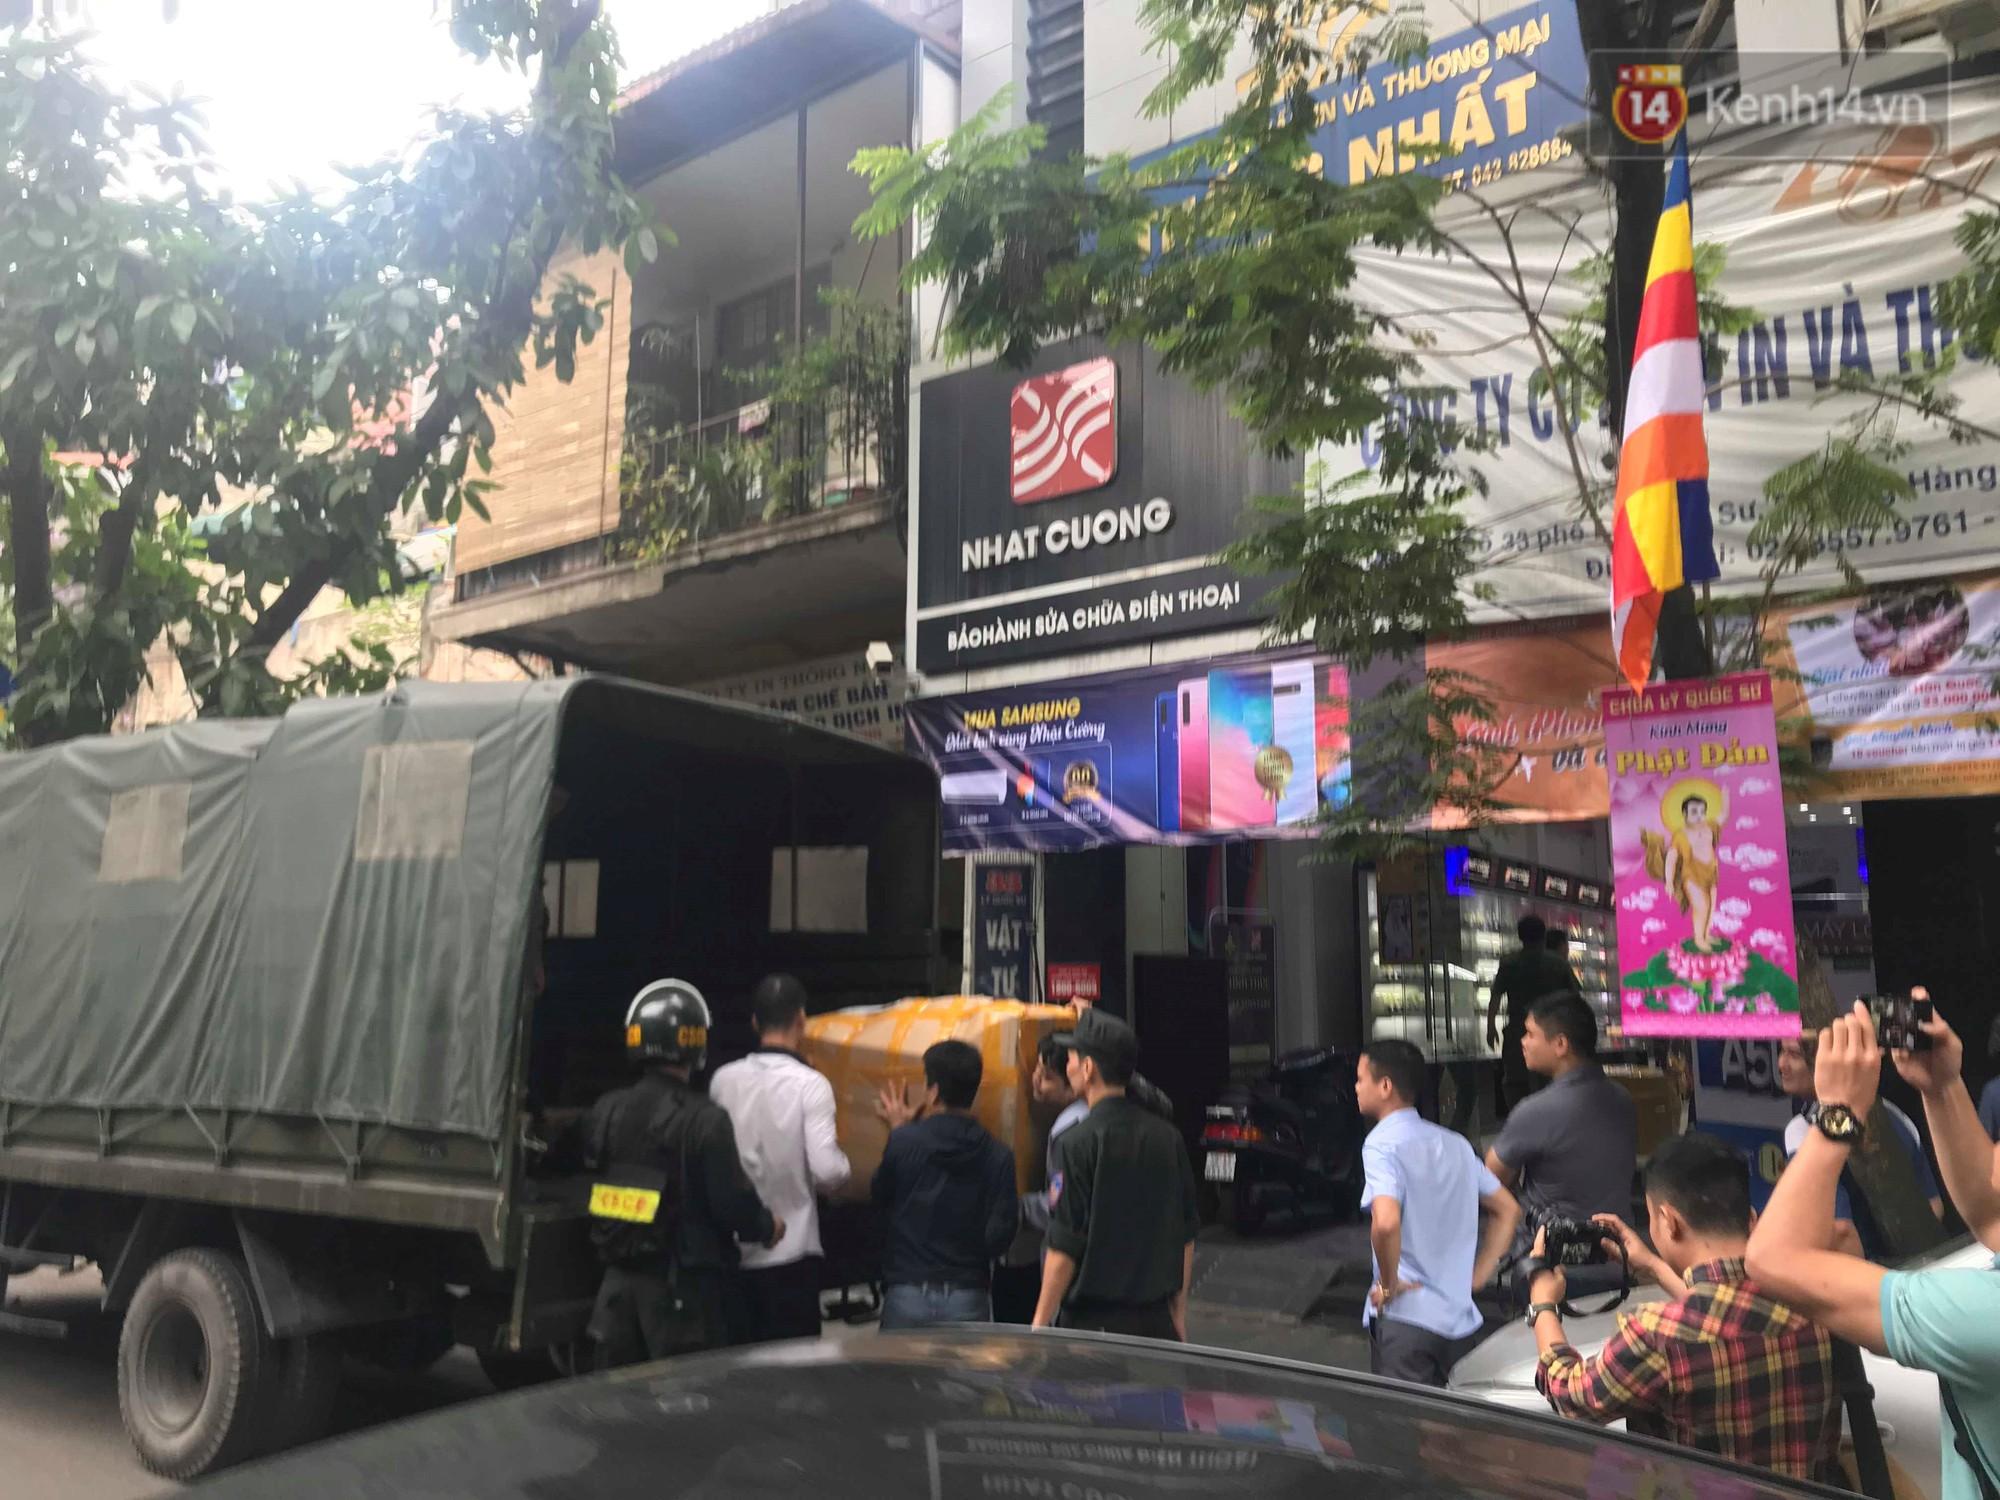 Nóng: Sau khi thu giữ nhiều thùng giấy tại cửa hàng Nhật Cường mobile, Công an phong tỏa chung cư Golden Westlake để tiếp tục khám xét - Ảnh 7.